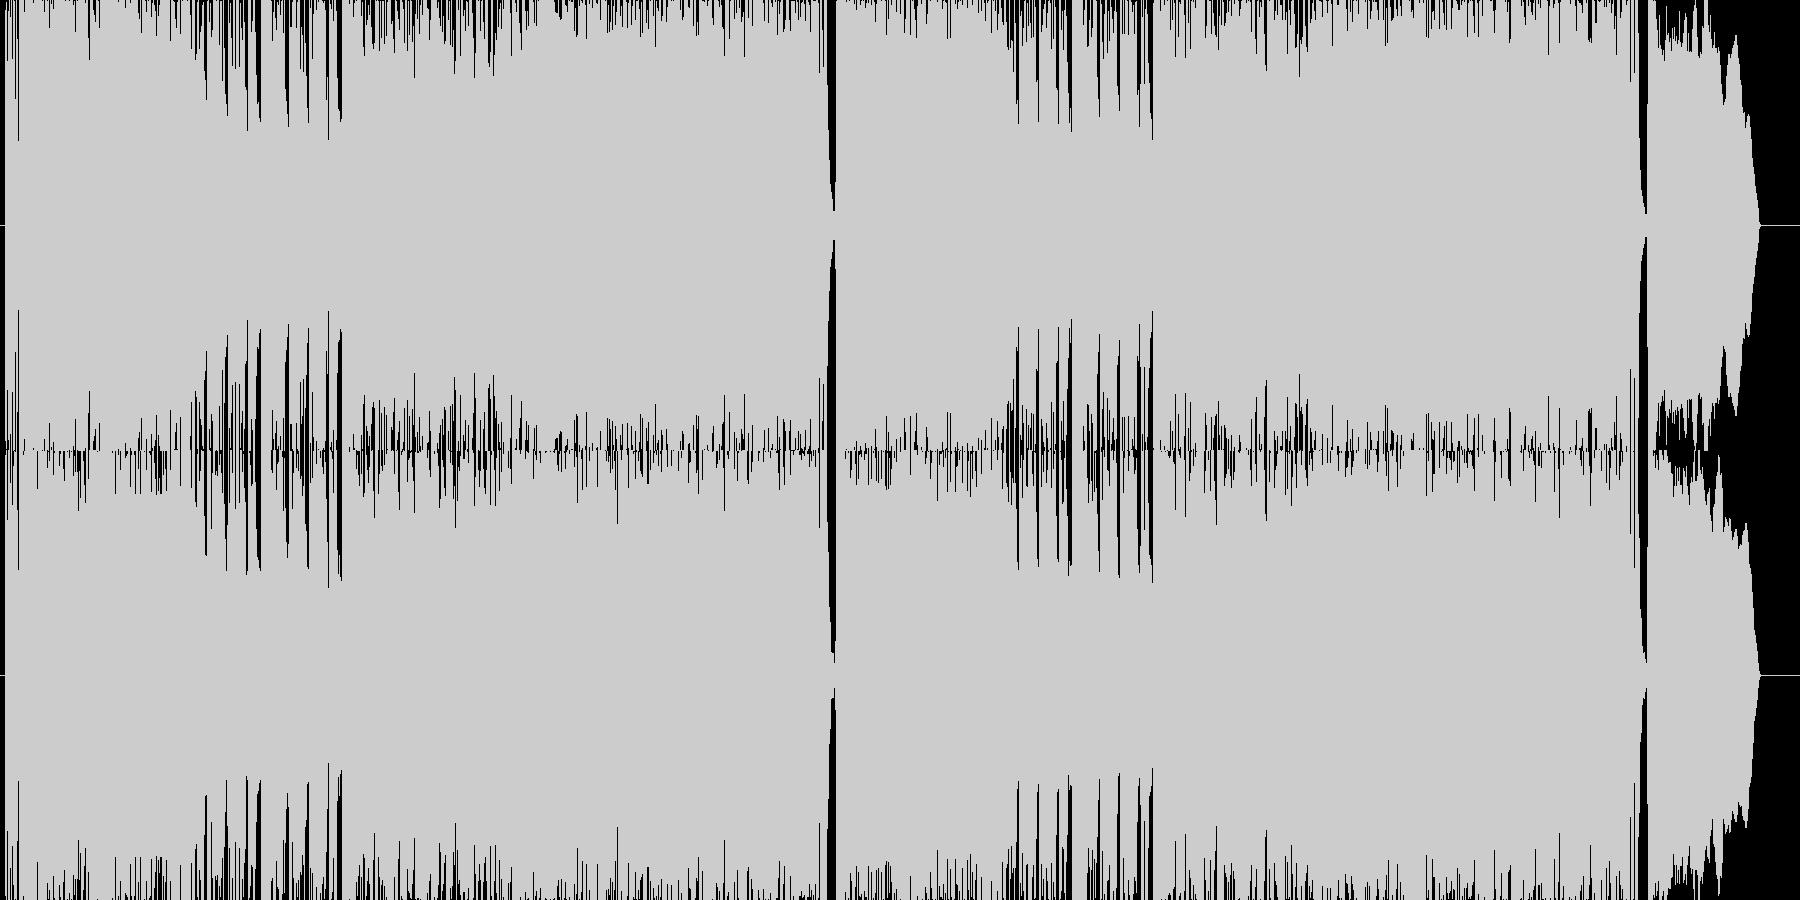 ゲーム用戦闘曲ハードロック3の未再生の波形